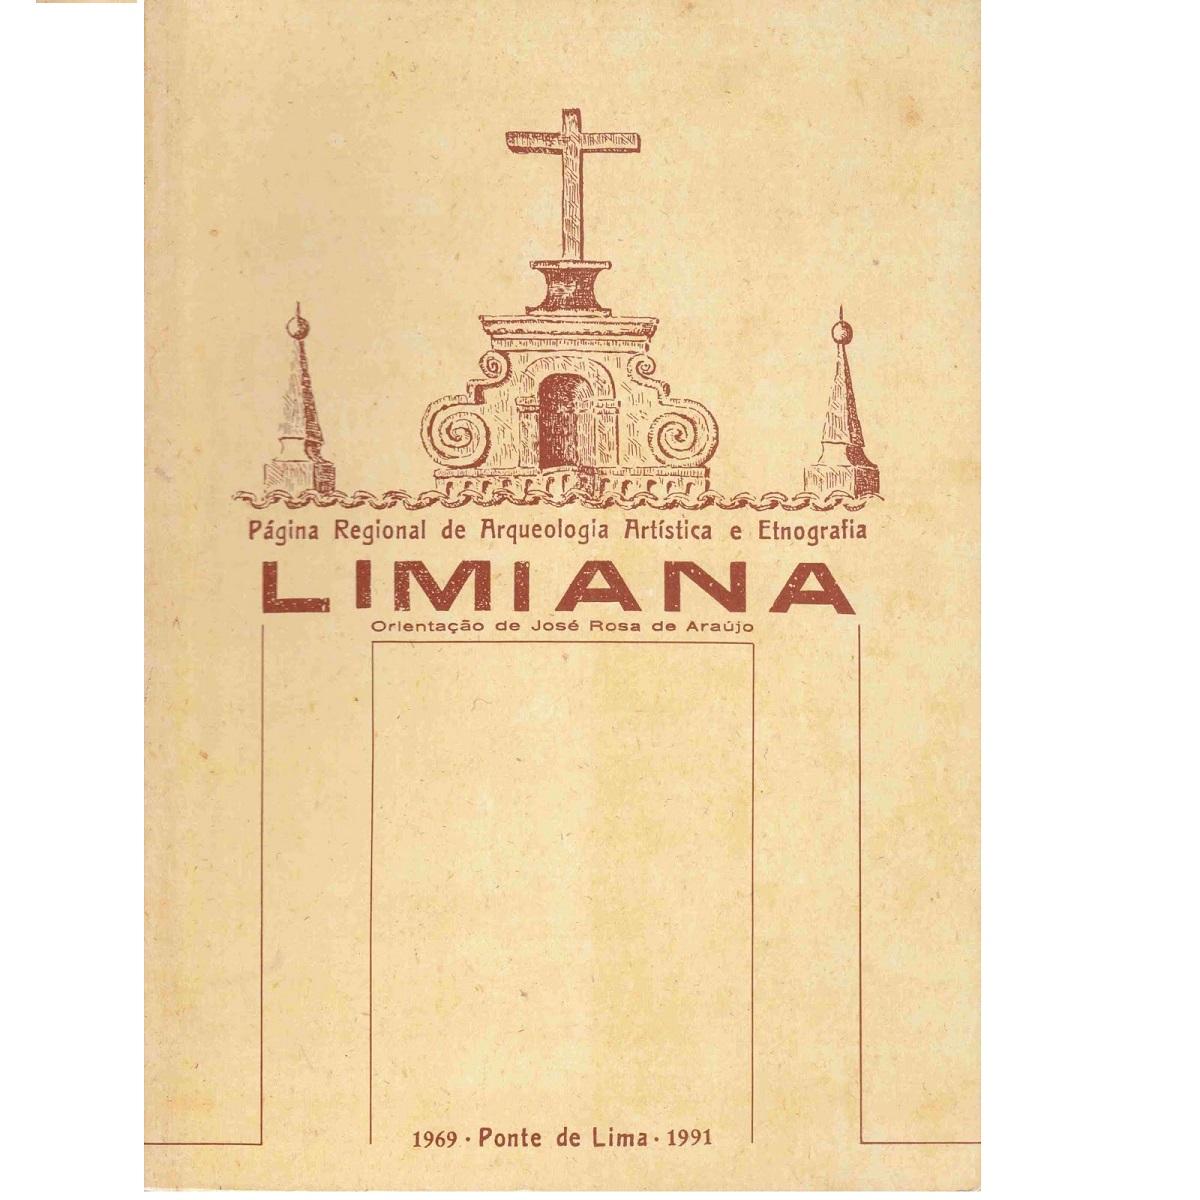 Limiana. Página Regional de Arqueologia Artística e Etnografia.